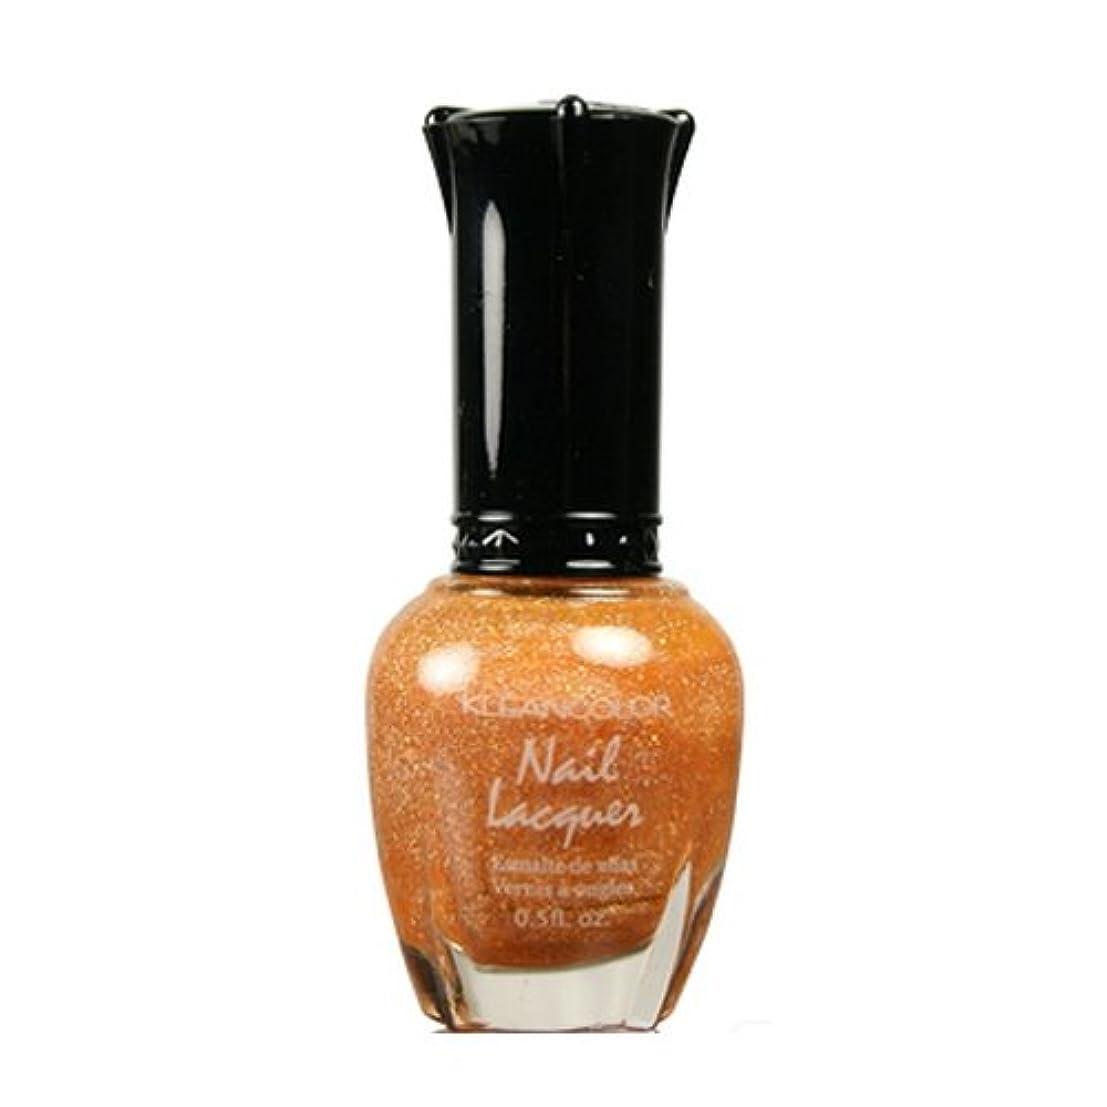 再発する正しい抑圧KLEANCOLOR Nail Lacquer 3 - Holo Orange (並行輸入品)